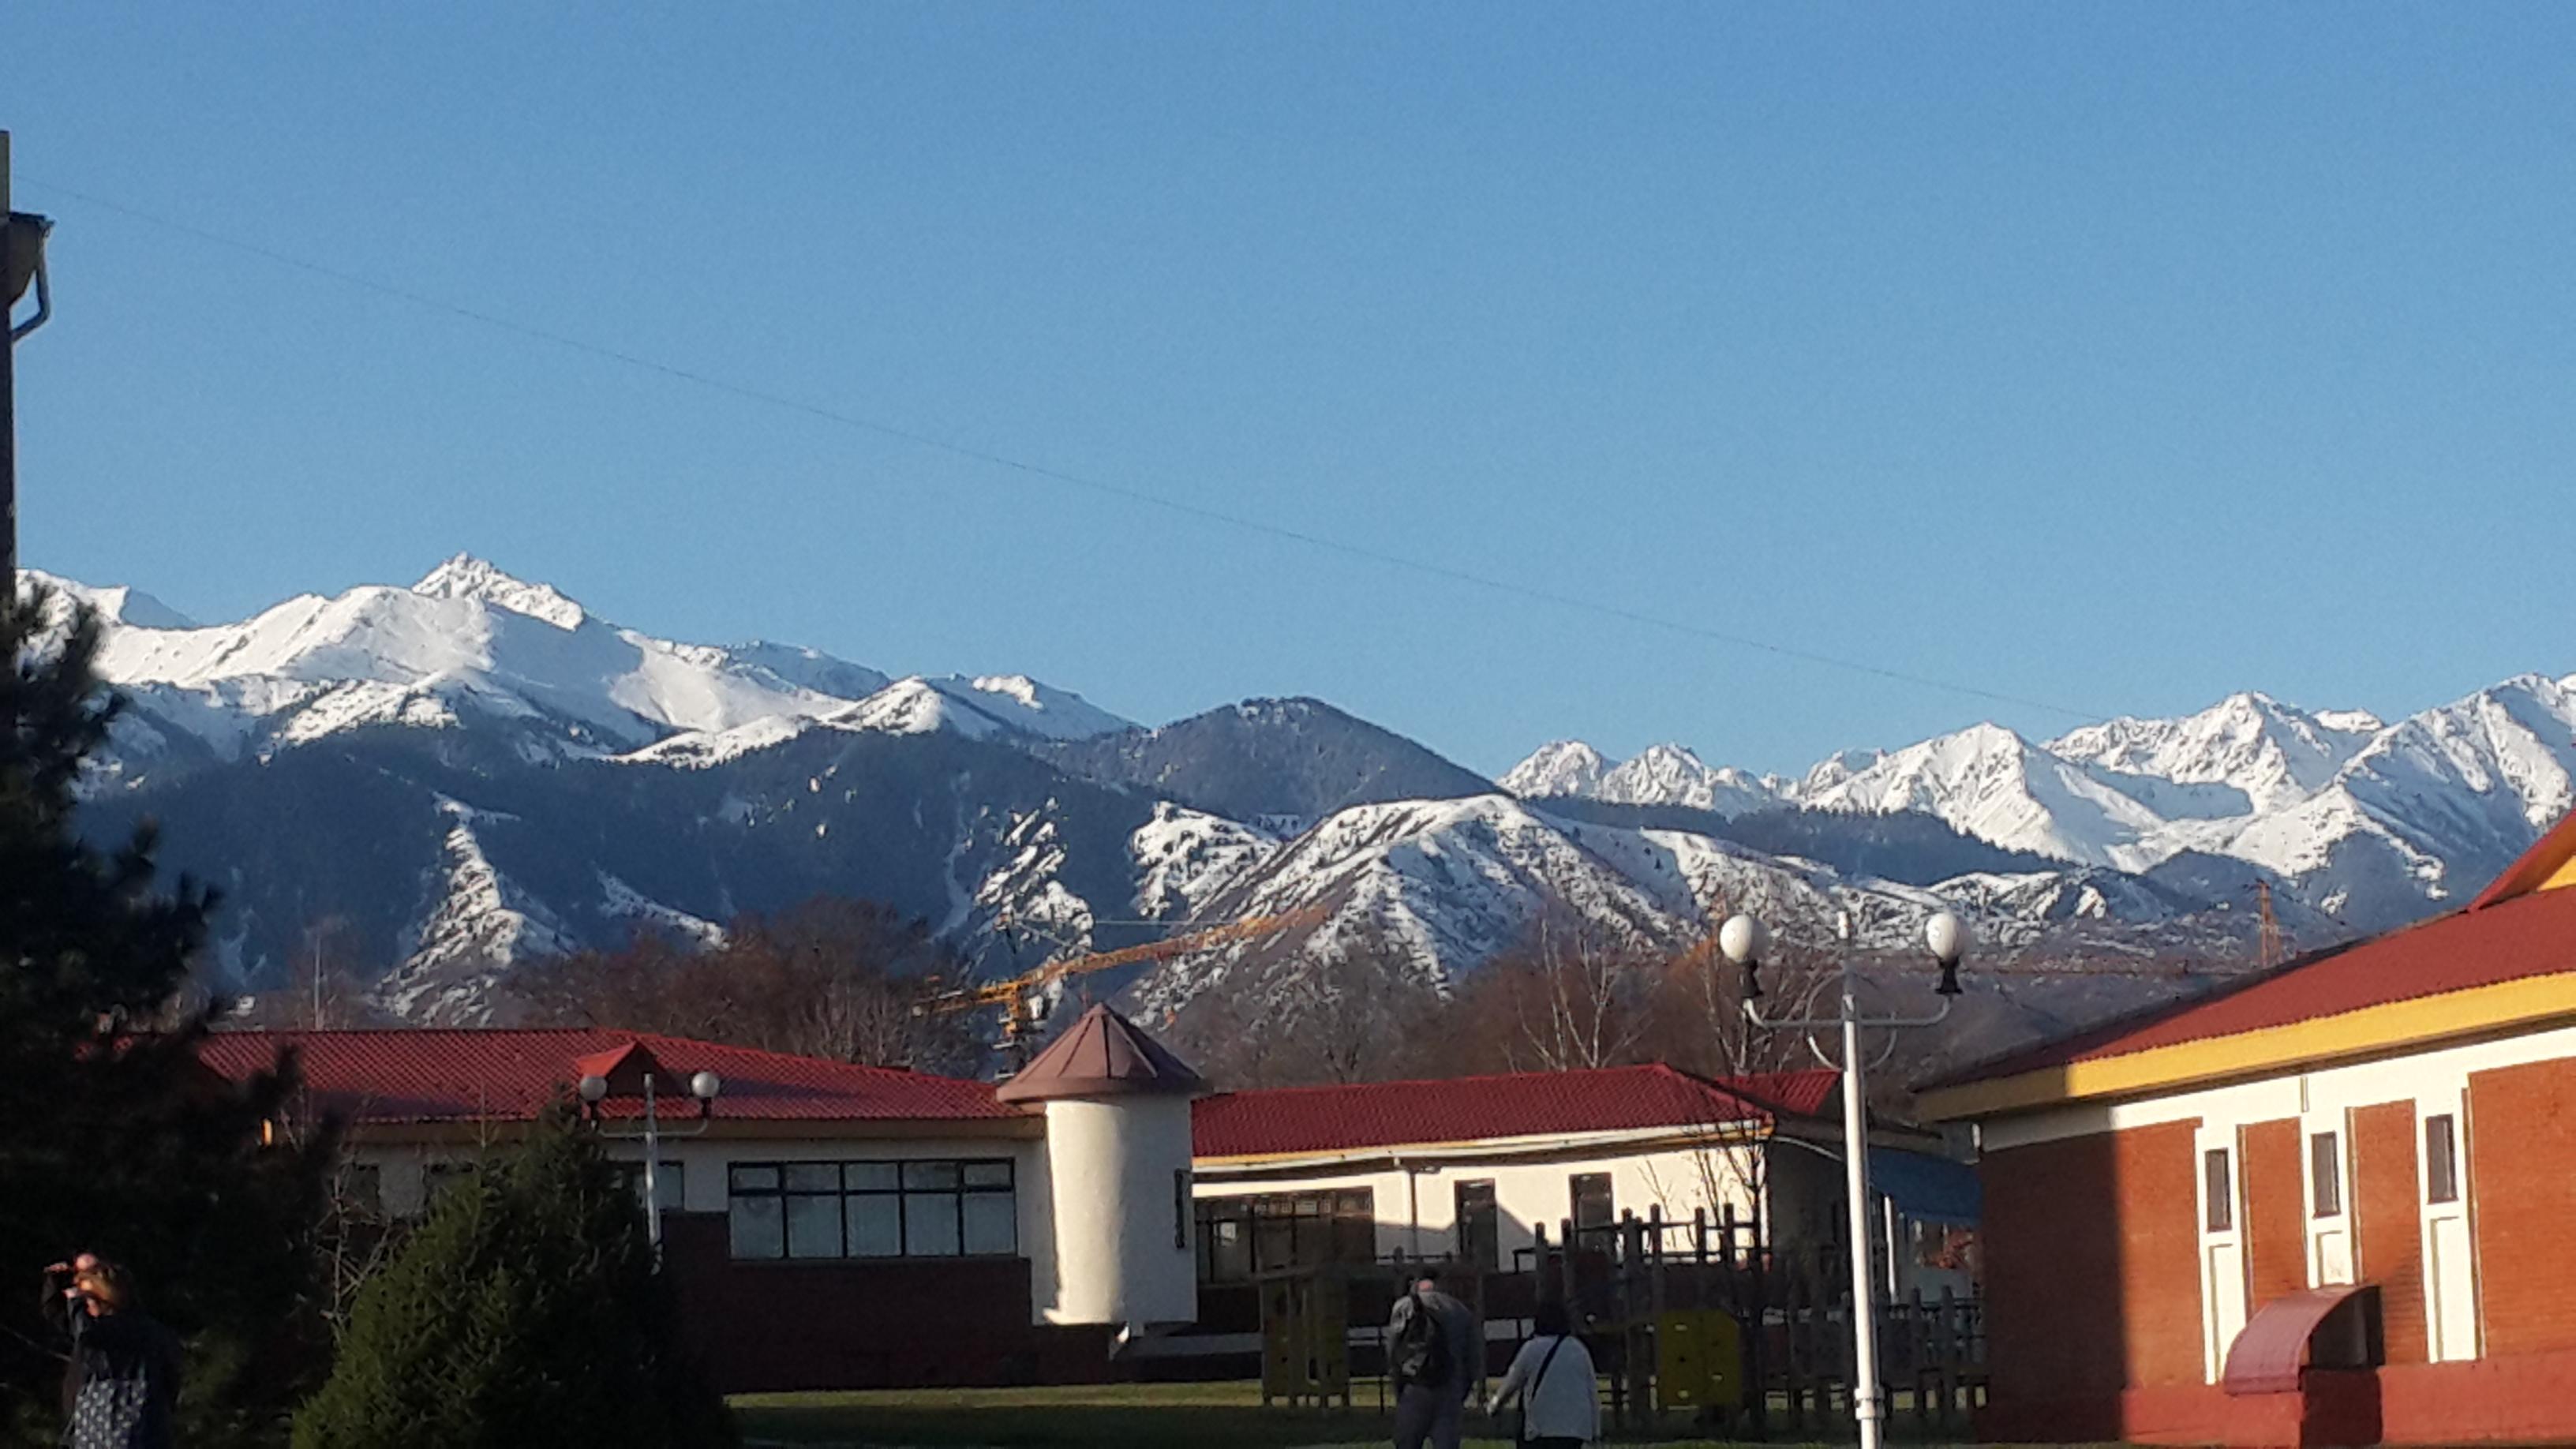 Alatau Mountains from Miras International School in Almaty, Kazakhstan.